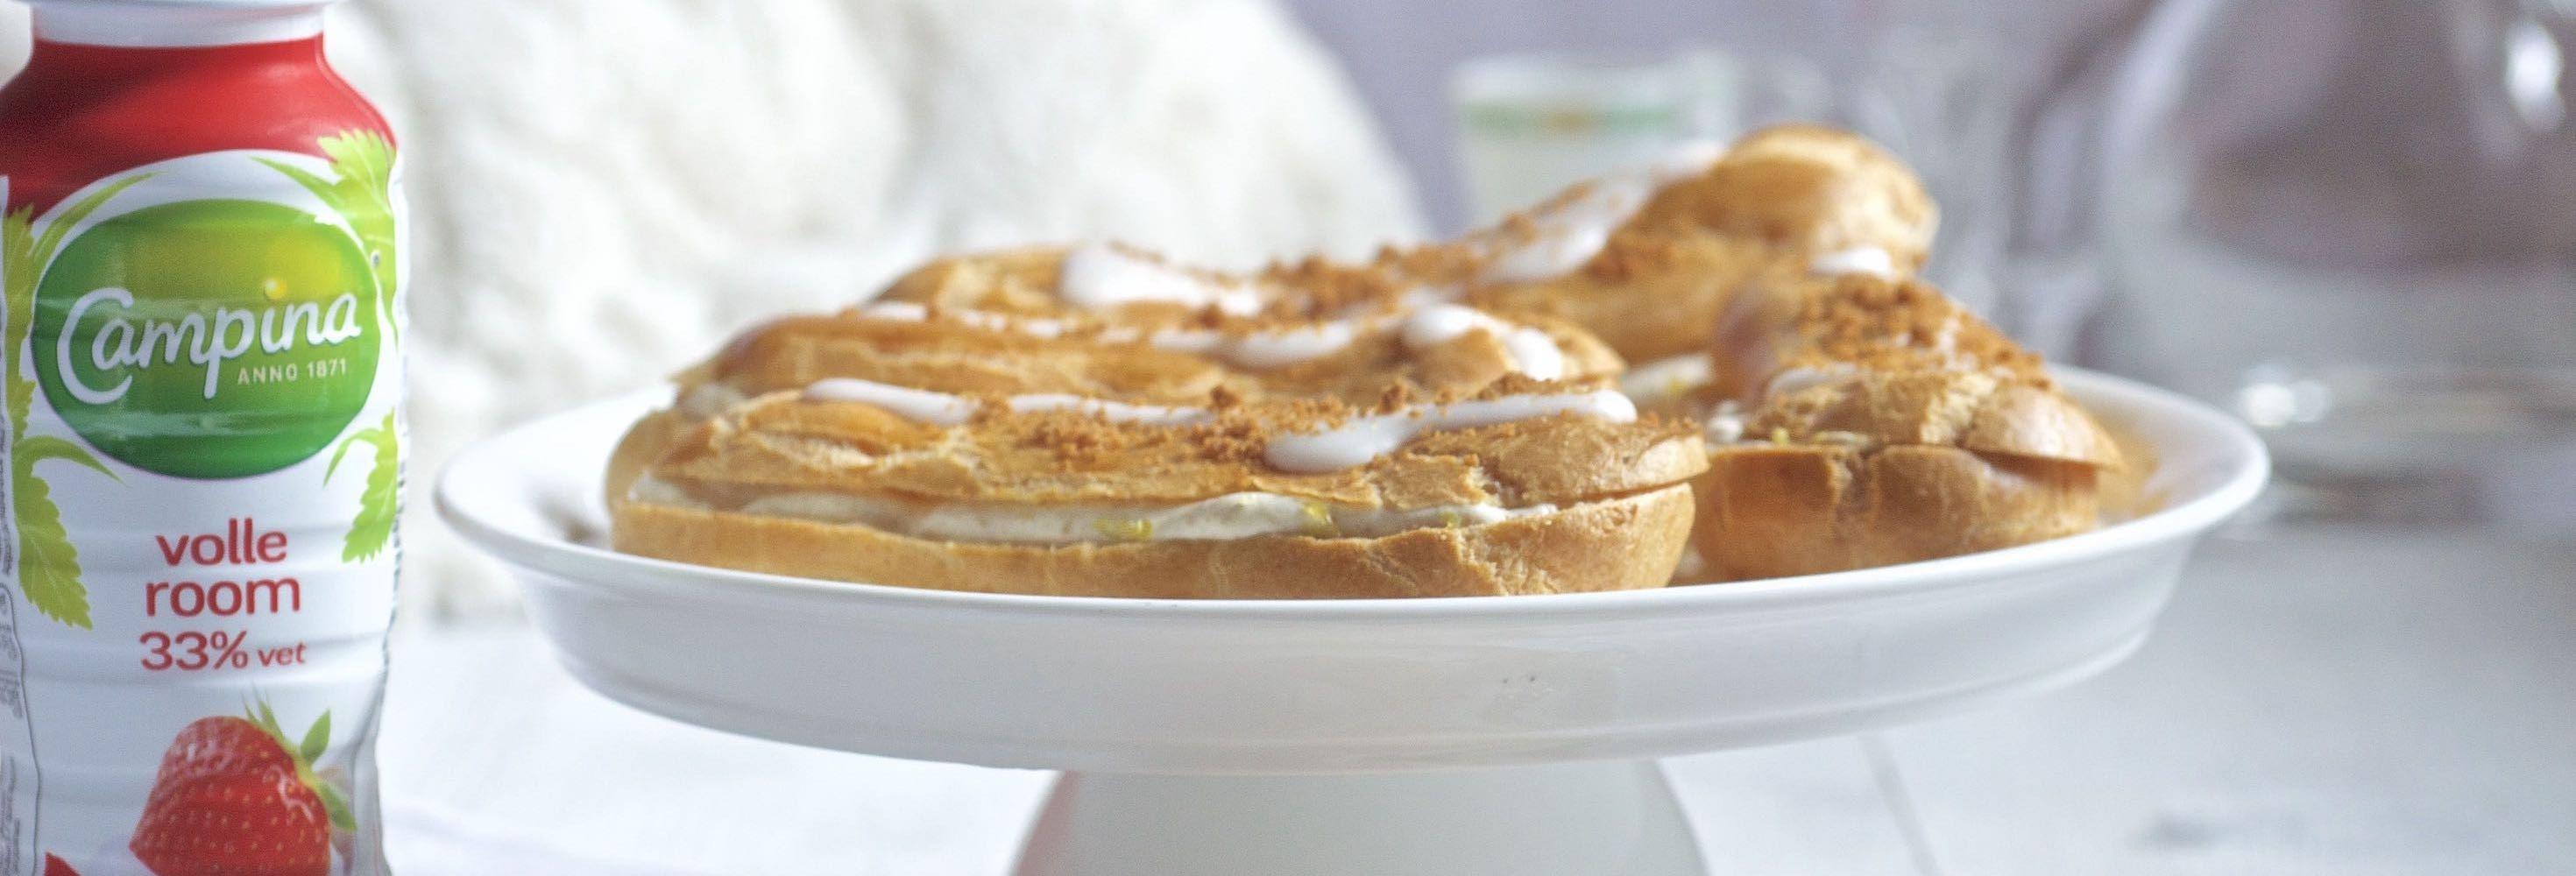 Cheesecake eclair